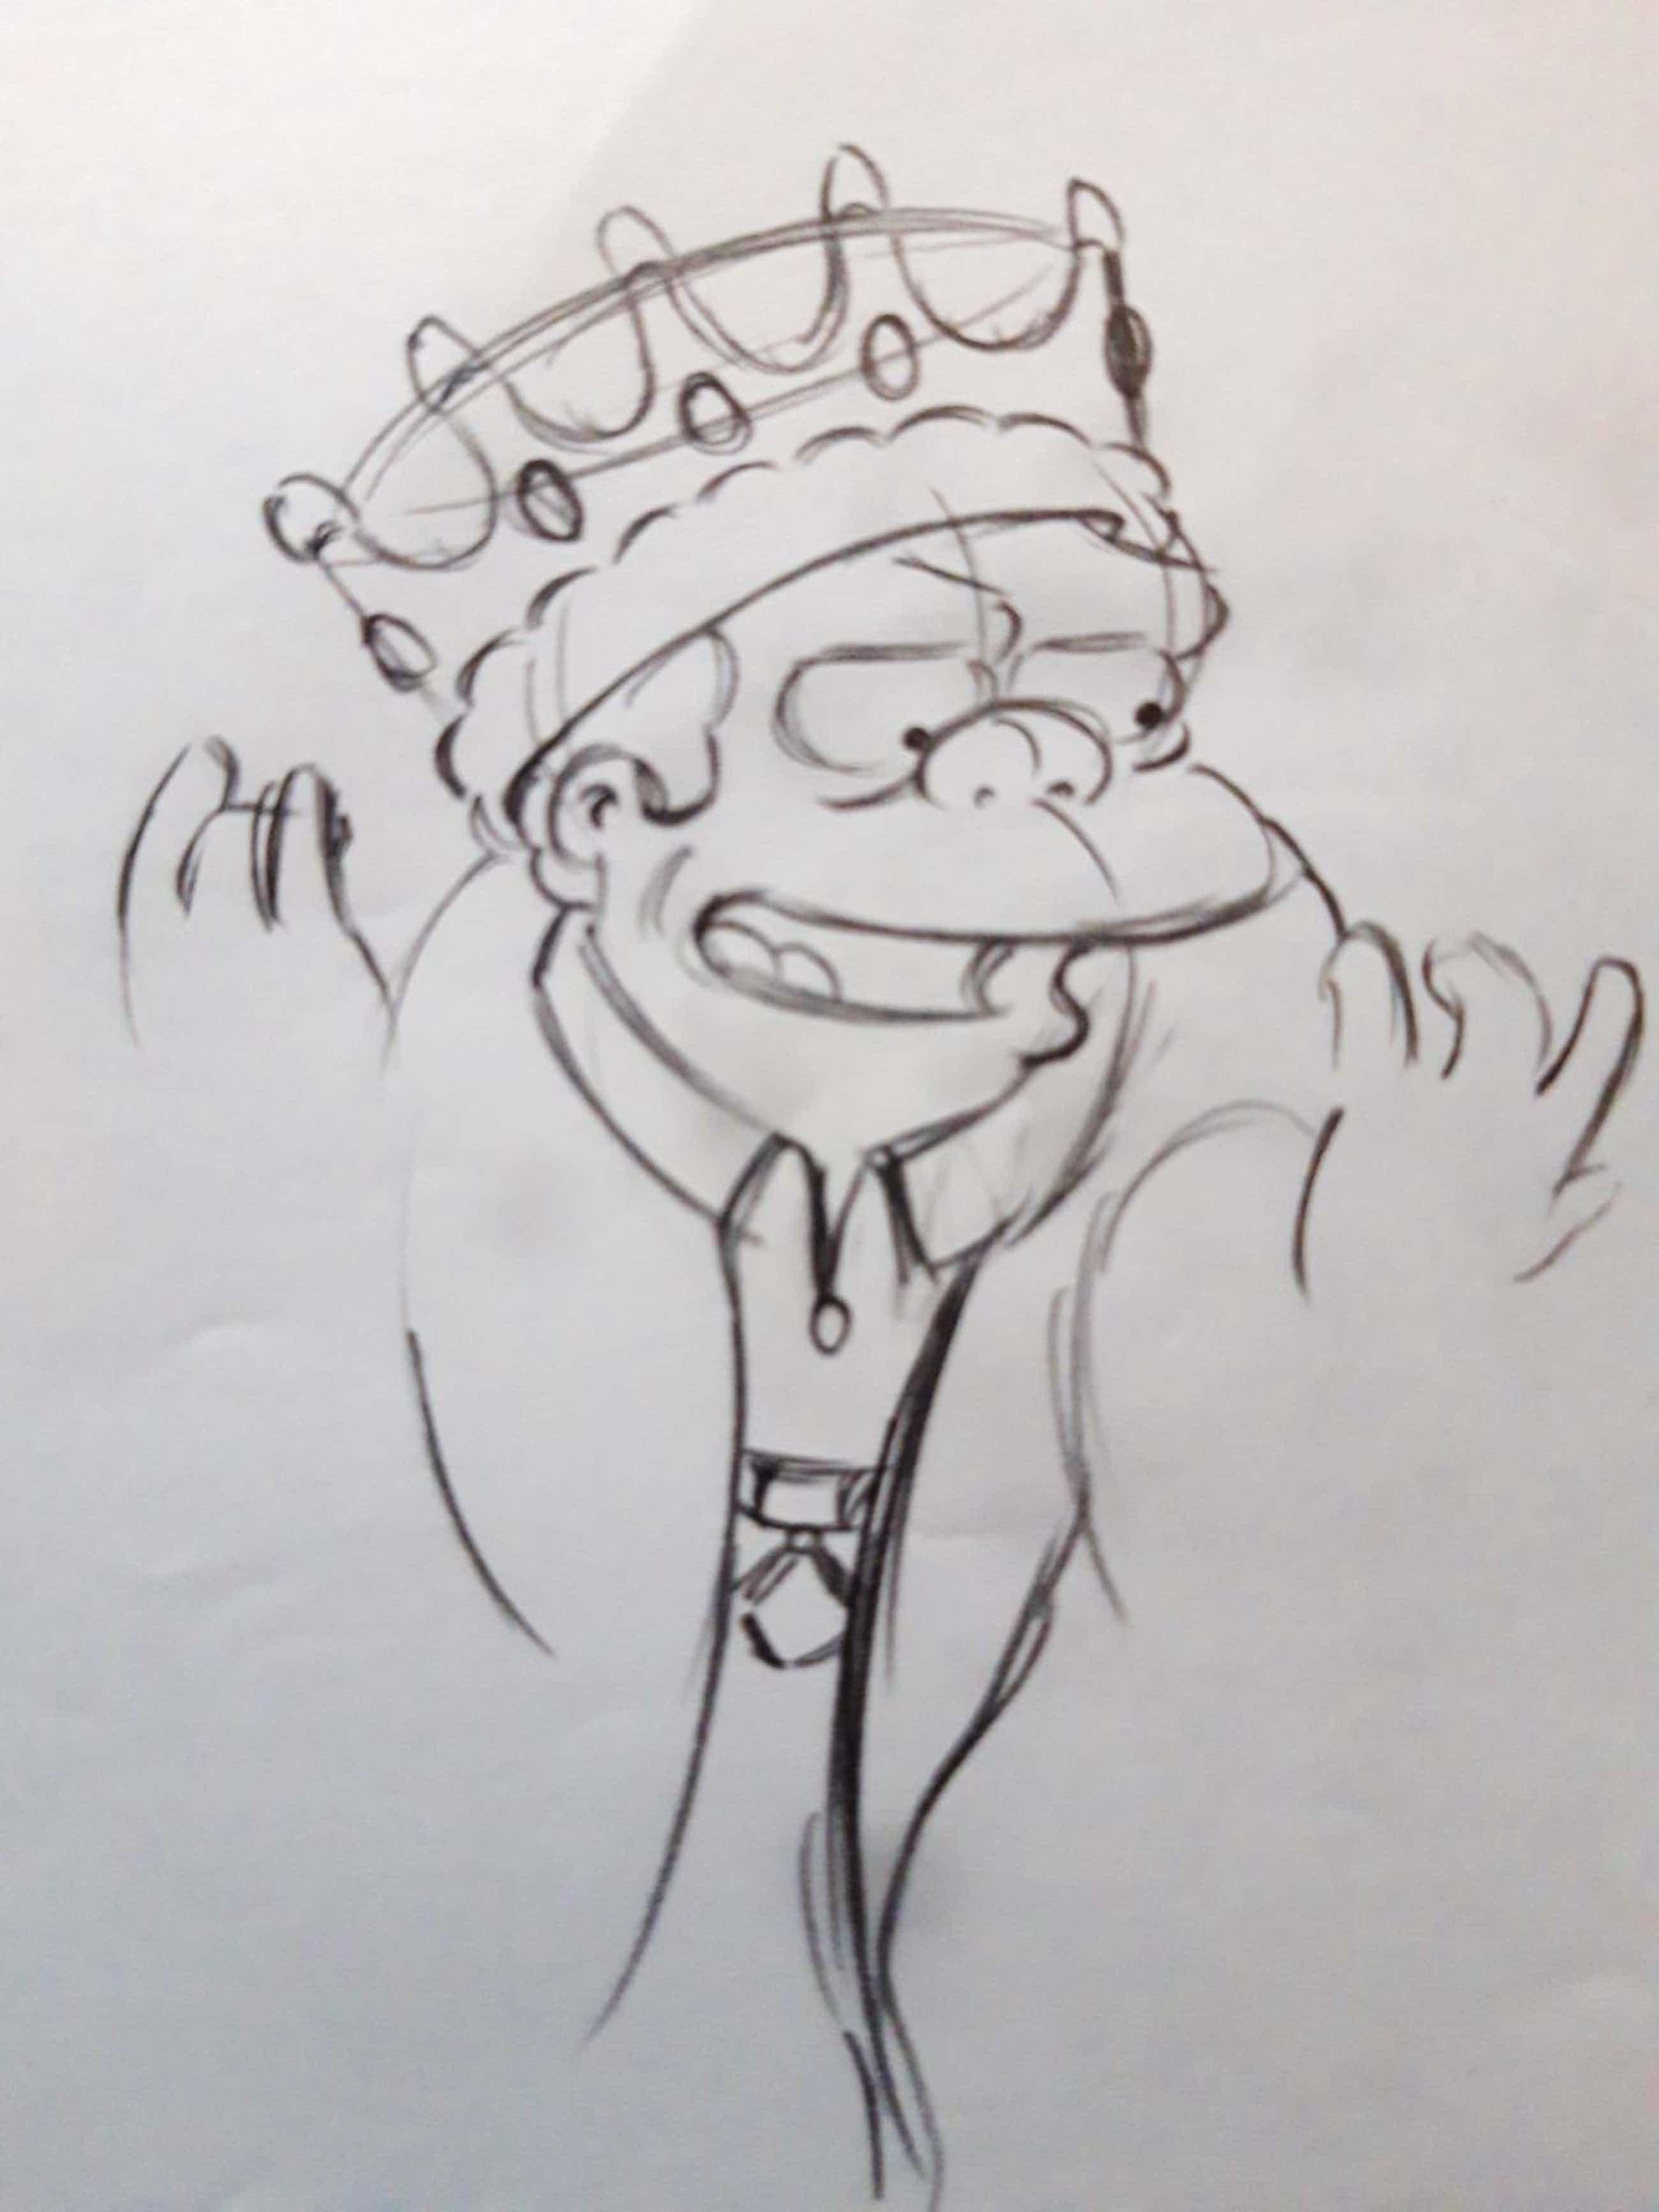 Matt Groening - originele productie tekening, The Simpsons, Nelson Muntz kopen? Bied vanaf 60!